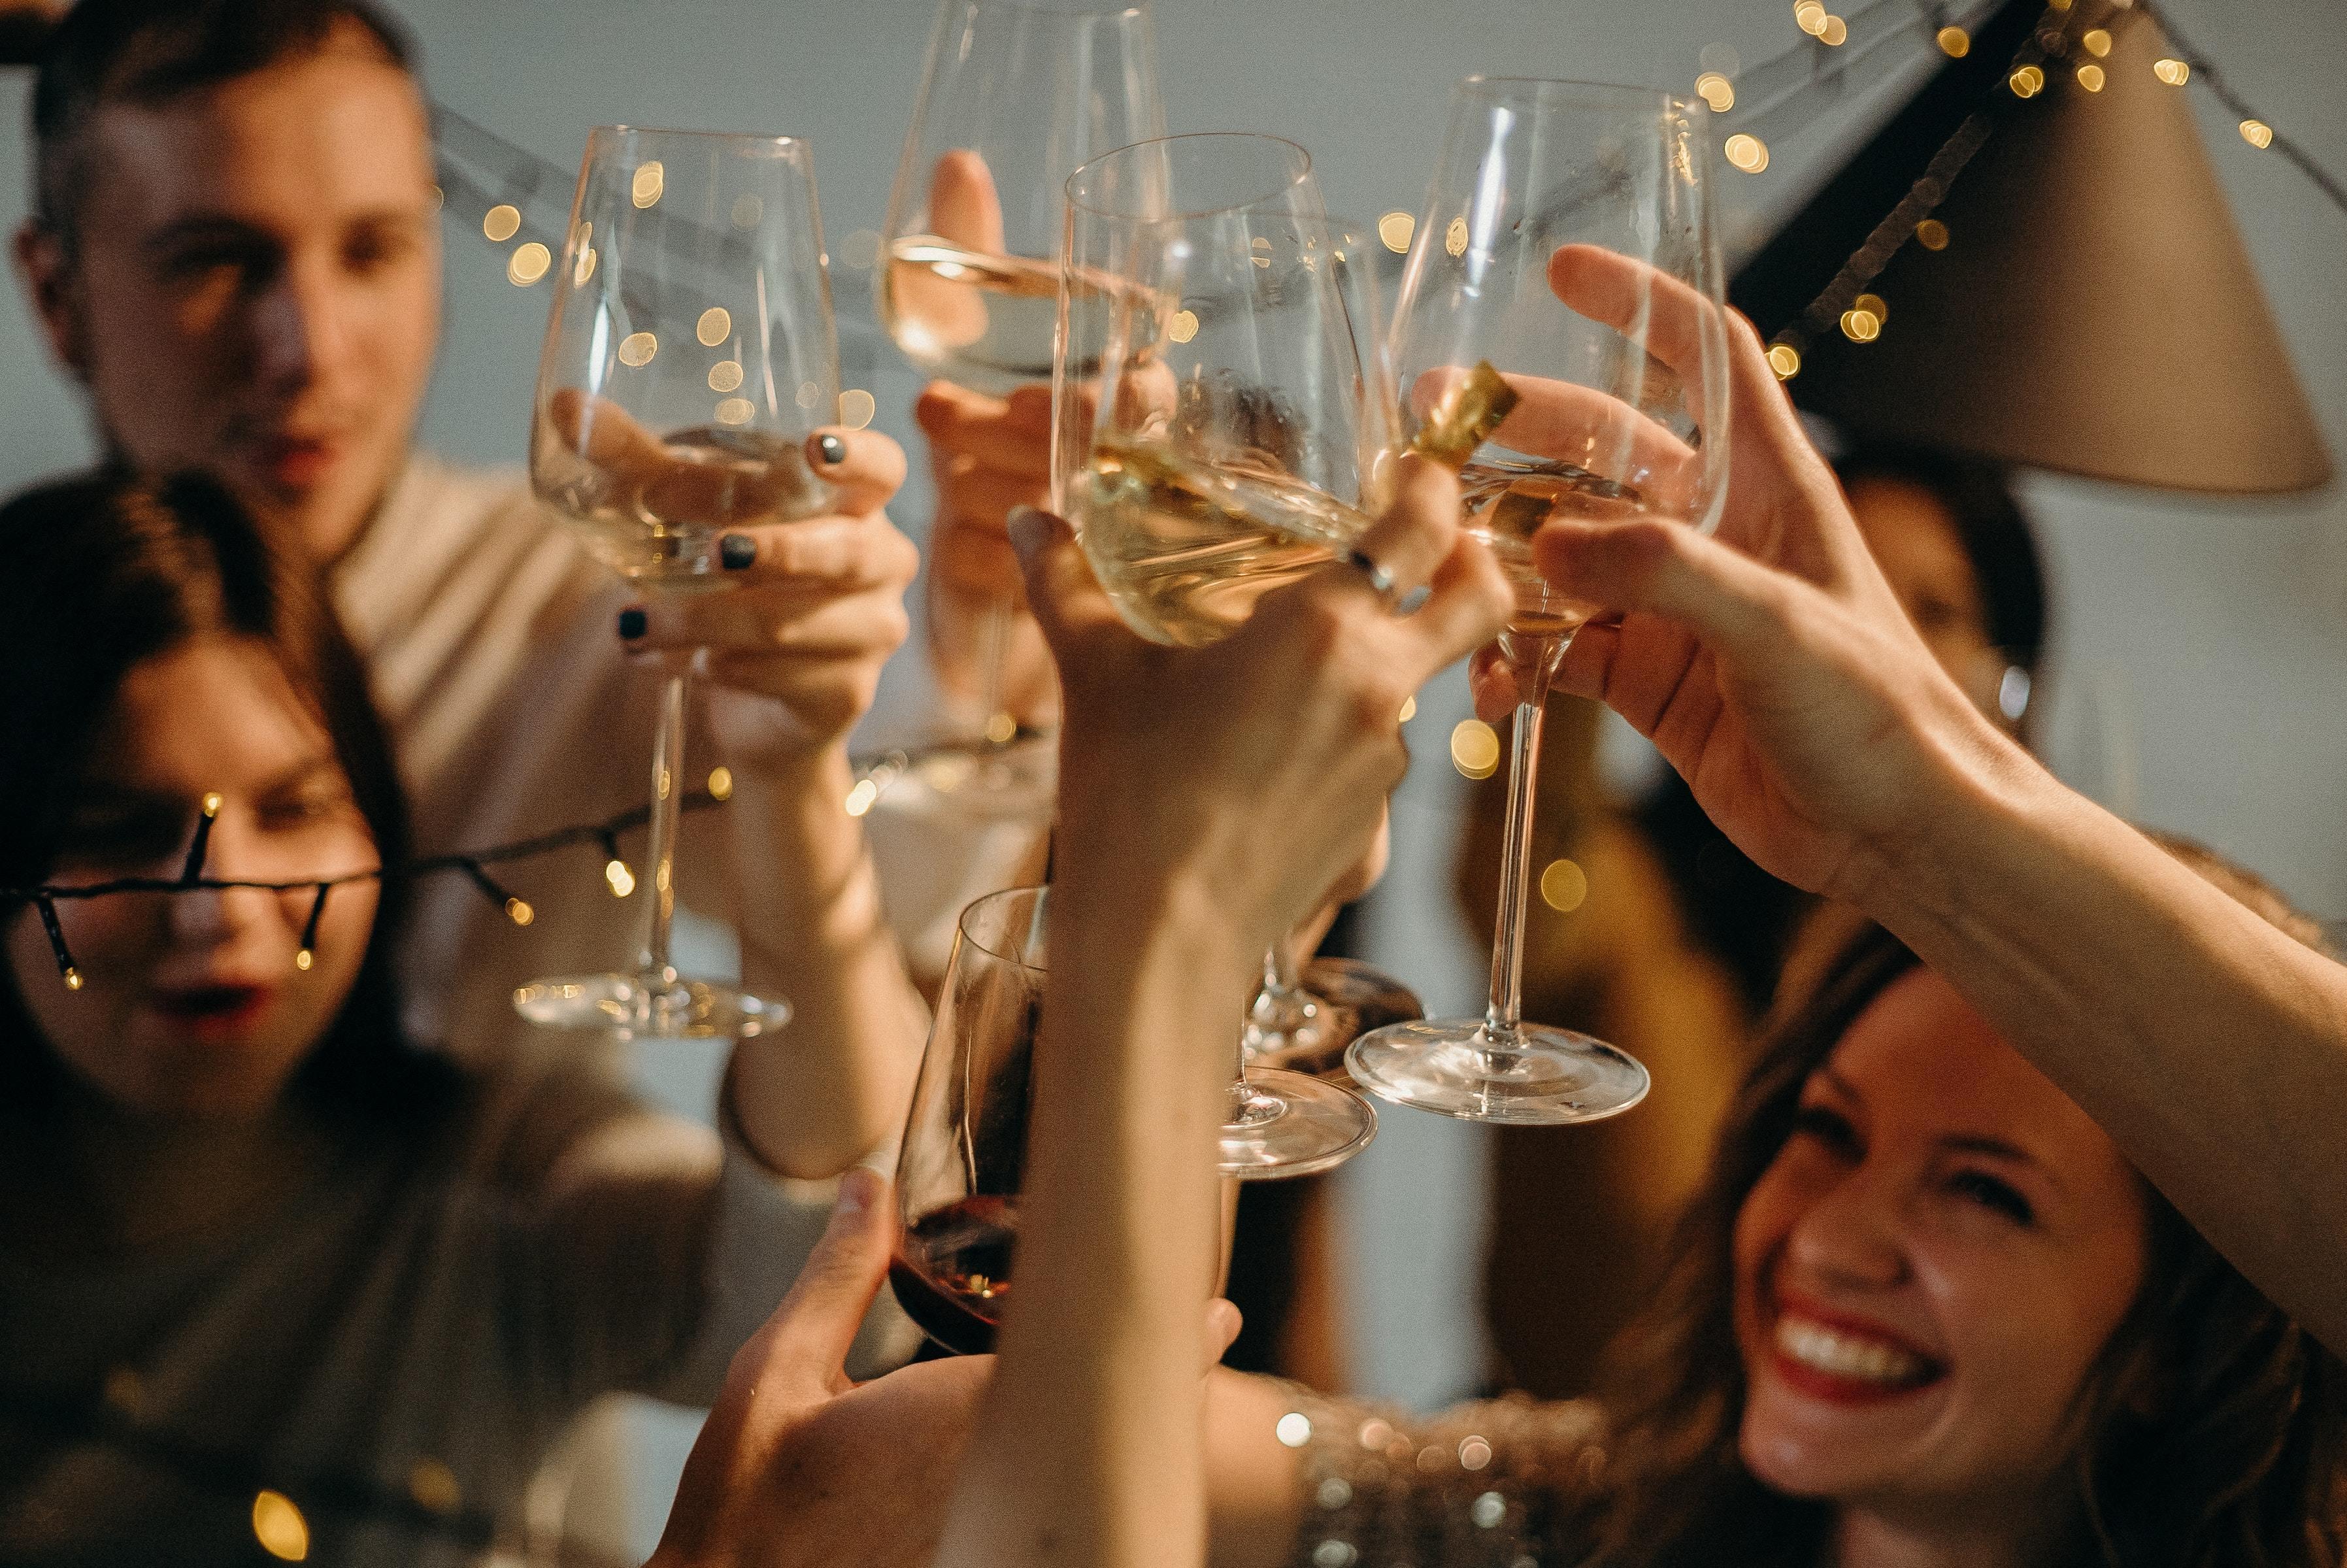 Eine Gruppe von Freunden feiert an einem Low Carb Cheat Day mit trockenem Wein